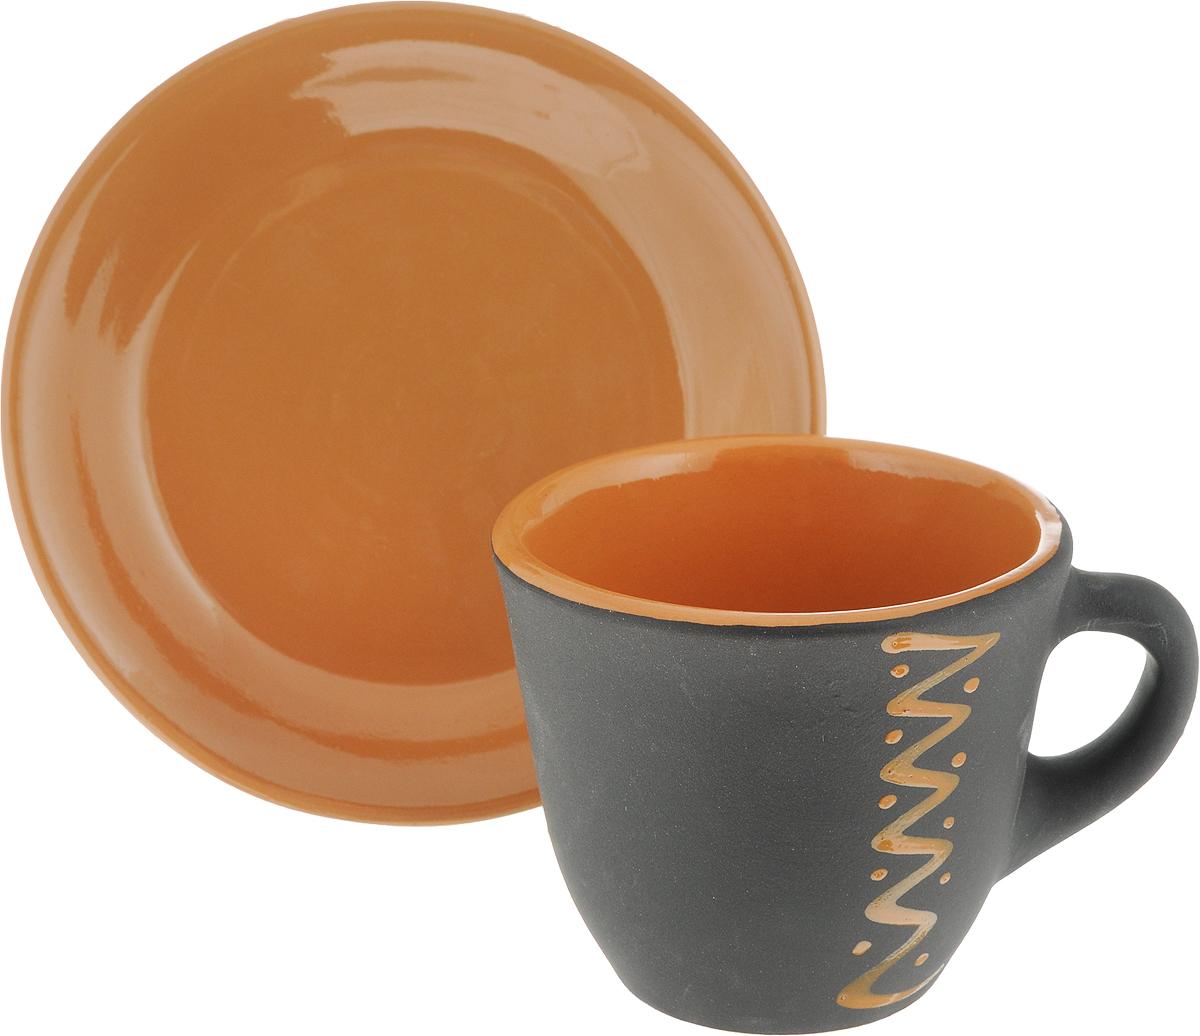 Чайная пара Борисовская керамика Чугун, 2 предметаЧУГ00000638_черный, коричневыйЧайная пара Борисовская керамика Чугун состоит из чашки и блюдца,изготовленных из высококачественной керамики. Такой набор украсит вашкухонный стол,а также станет замечательным подарком к любому празднику.Можно использовать в микроволновой печи и духовке. Диаметр чашки (по верхнему краю): 10 см. Высота чашки: 8,5 см. Диаметр блюдца (по верхнему краю): 15,5 см. Высота блюдца: 2,5 см. Объем чашки: 300 мл